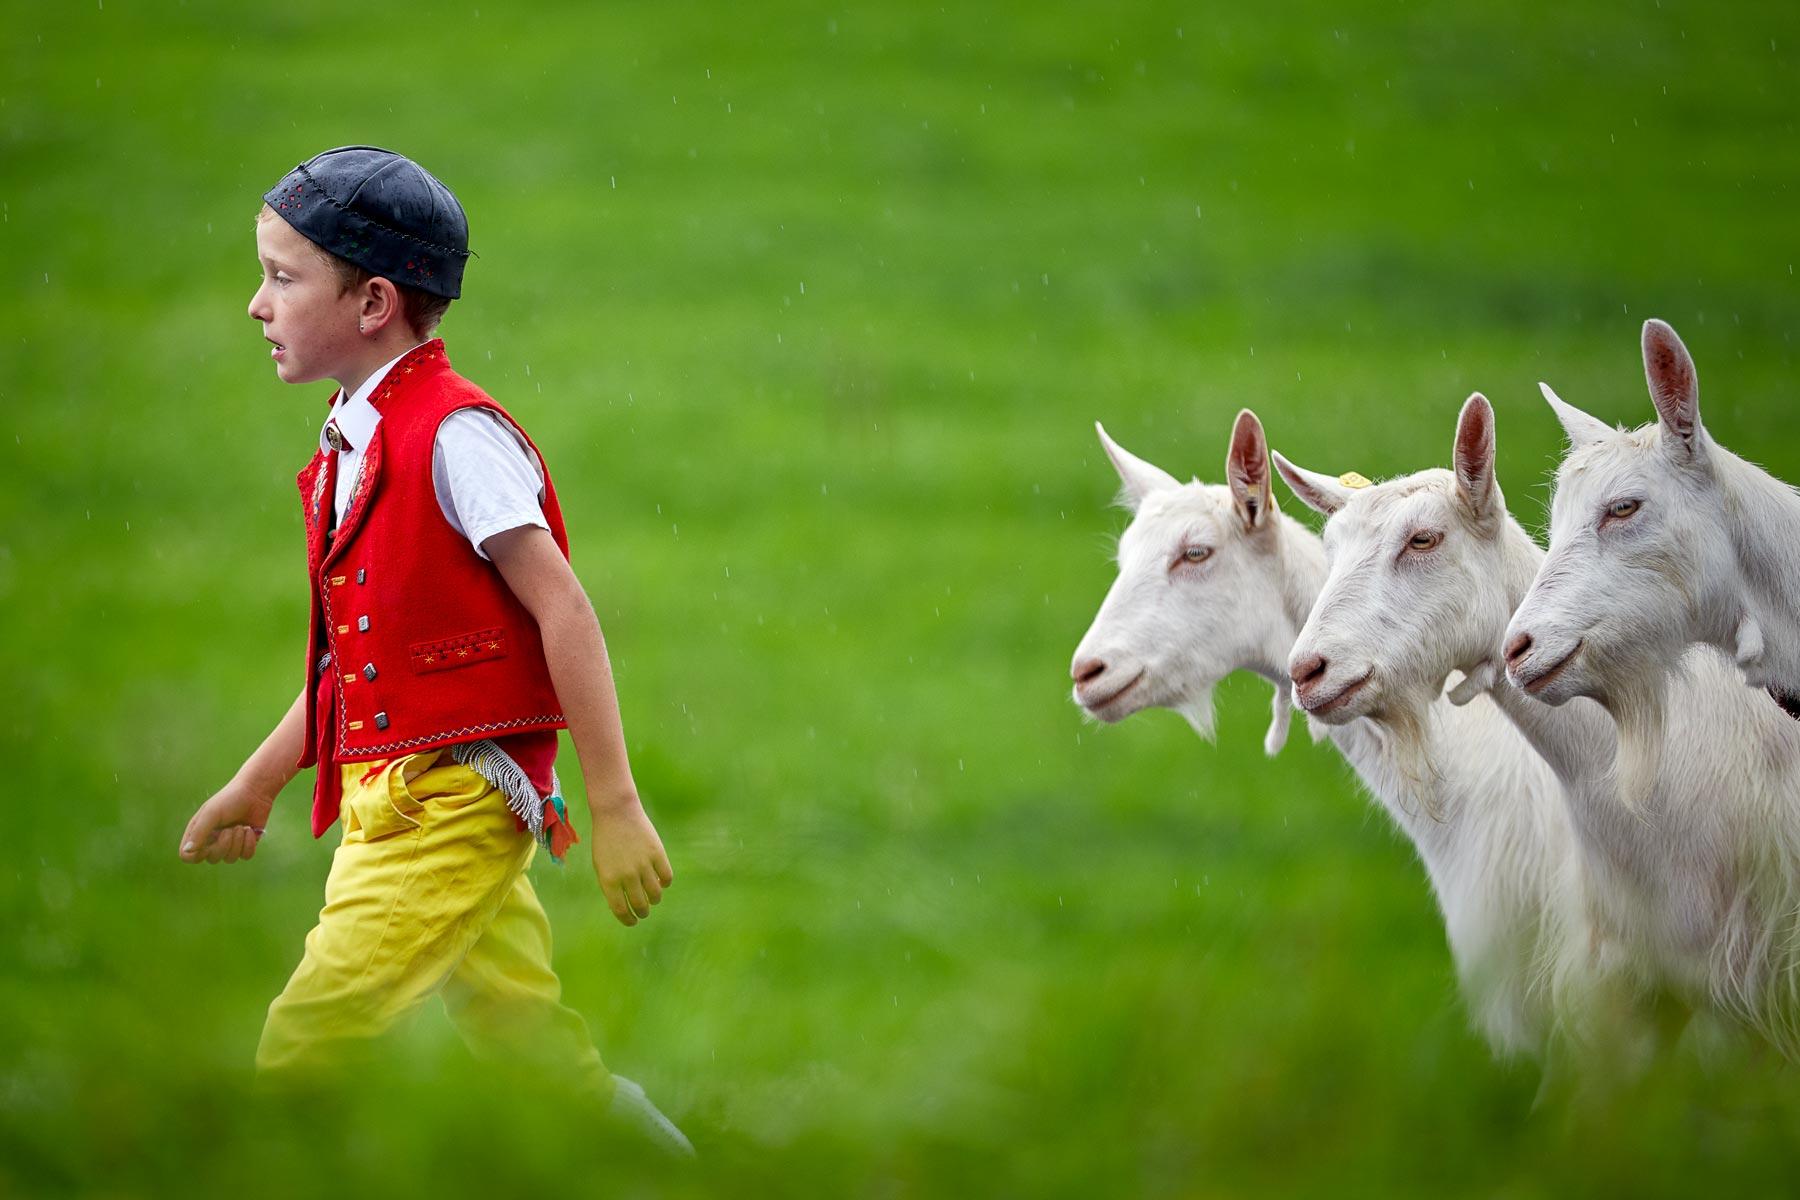 Appenzell Alpabfahrt Geissbub mit 3 Geissen Ziegen